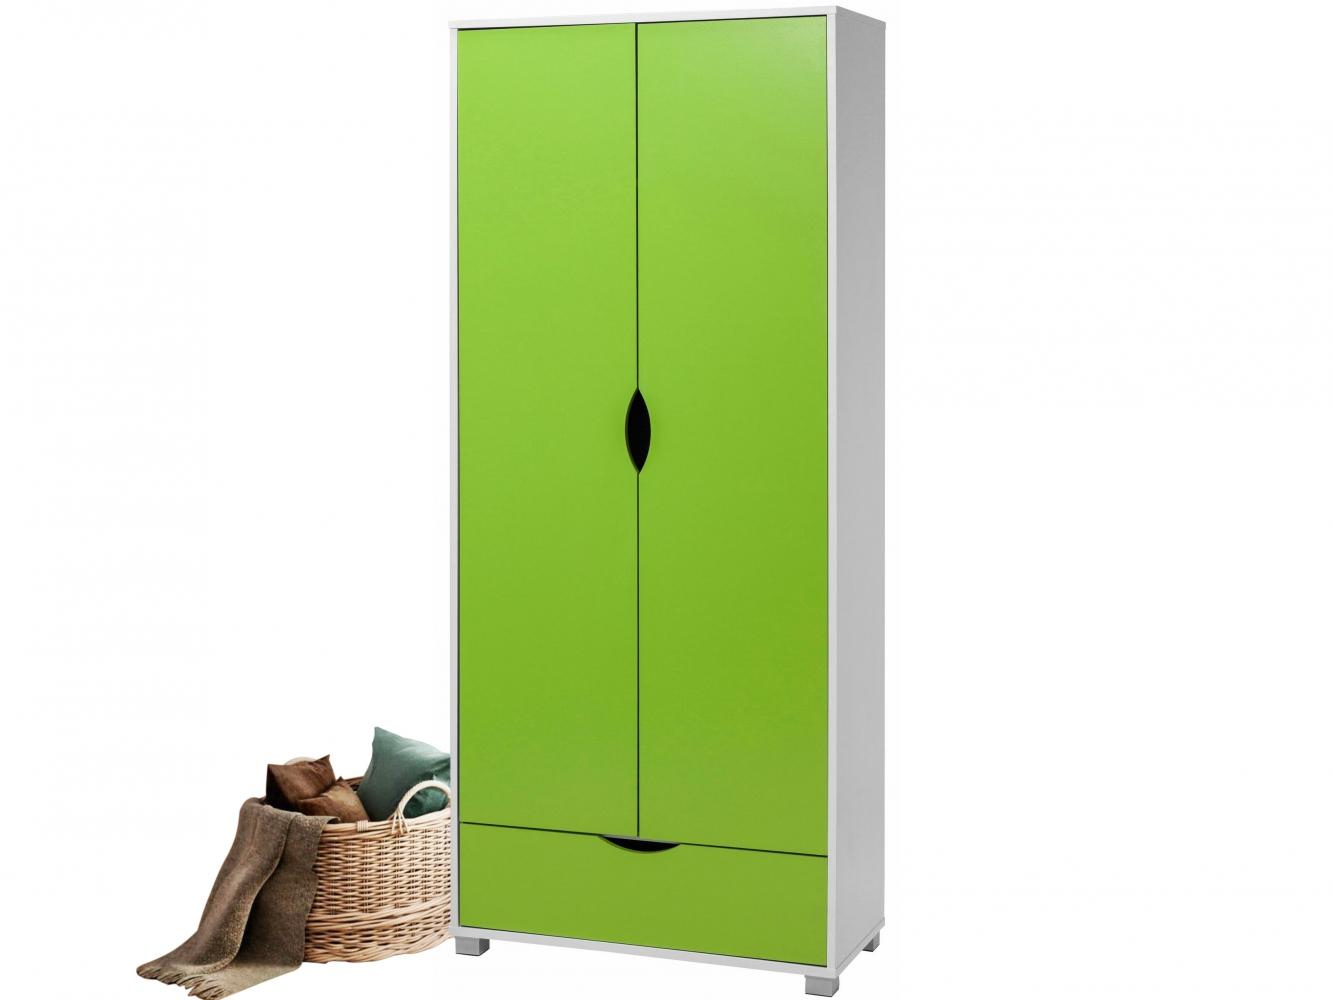 Šatní skříň Elson, 180 cm, zelená